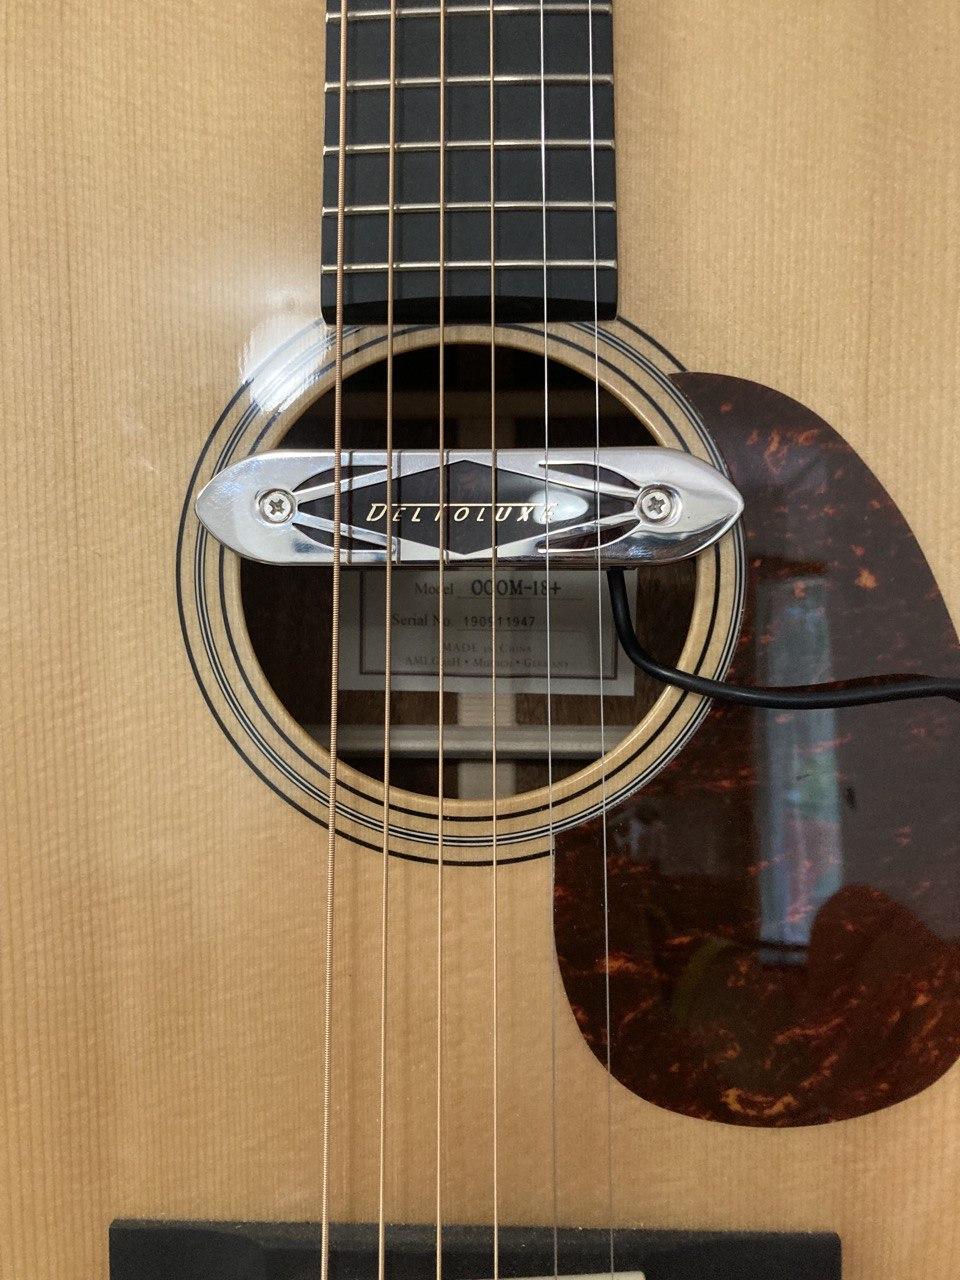 Gretsch Deltoluxe sound hole pickup - Dearmond Reissue Rhythm Chief 1000?!-59d15ab4-9f9a-43fa-b60f-915637b8e9a4-jpeg